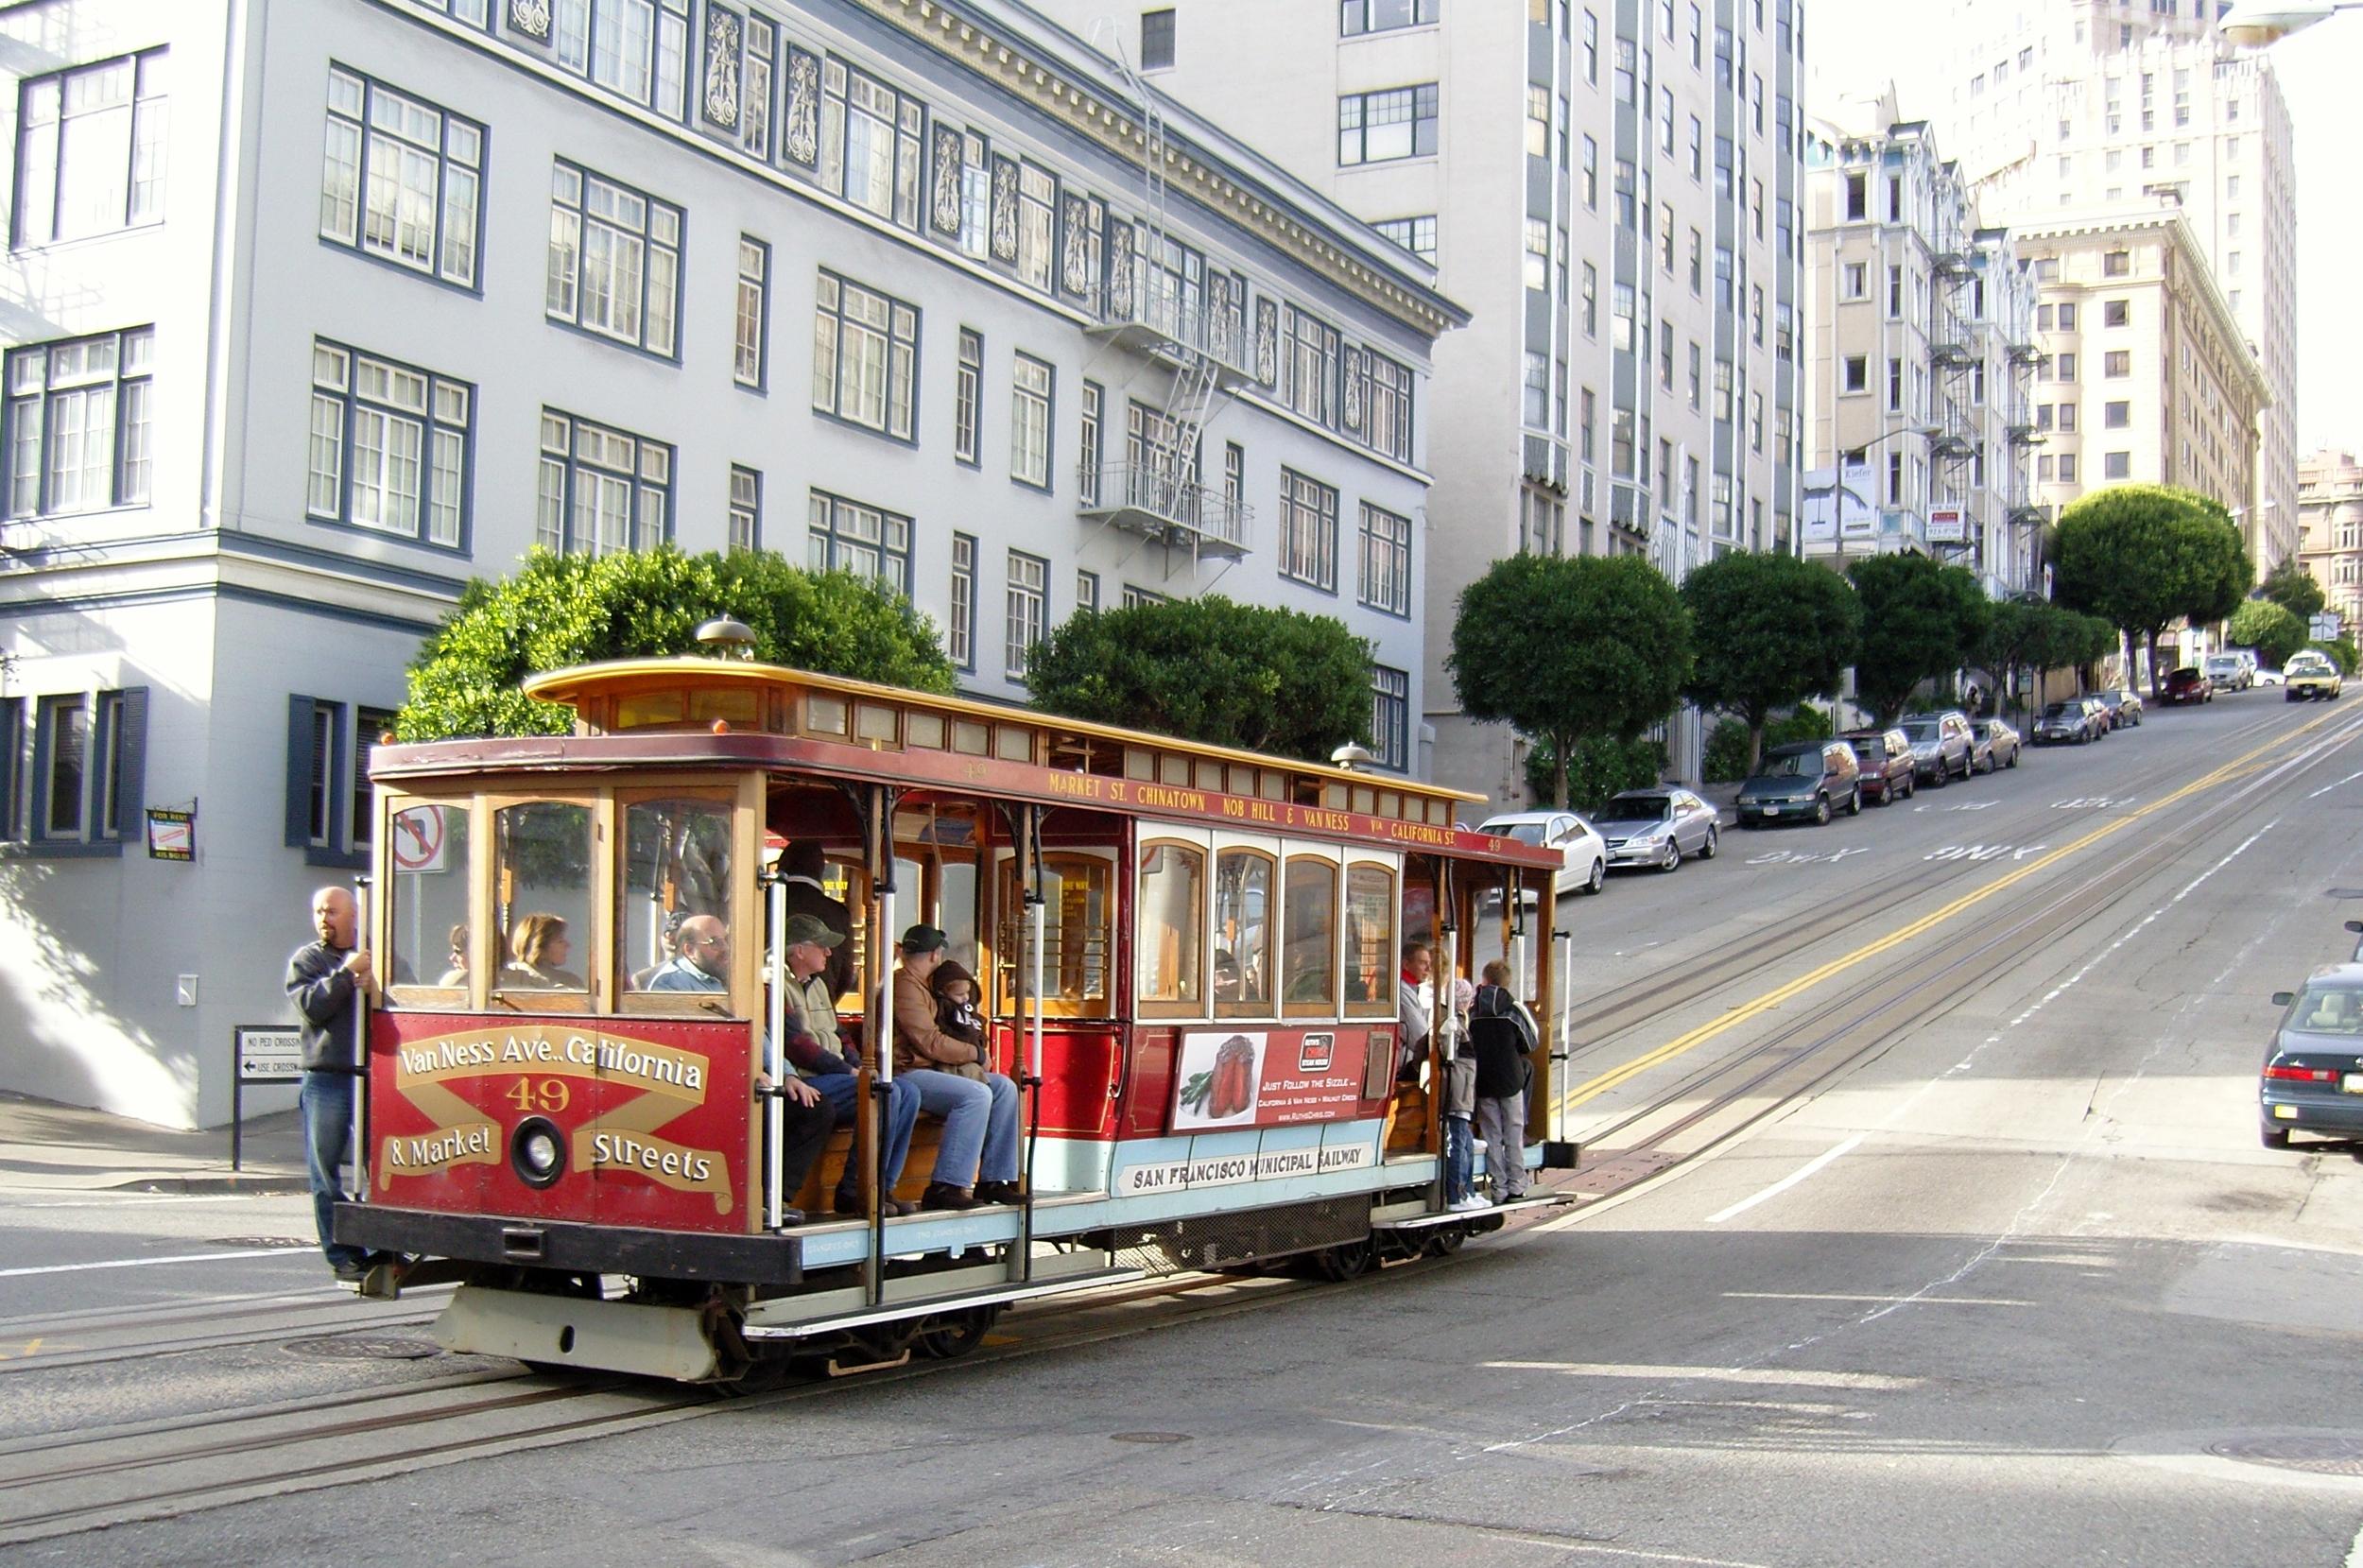 San_Francisco_Cable_Car_on_California_Street.jpg